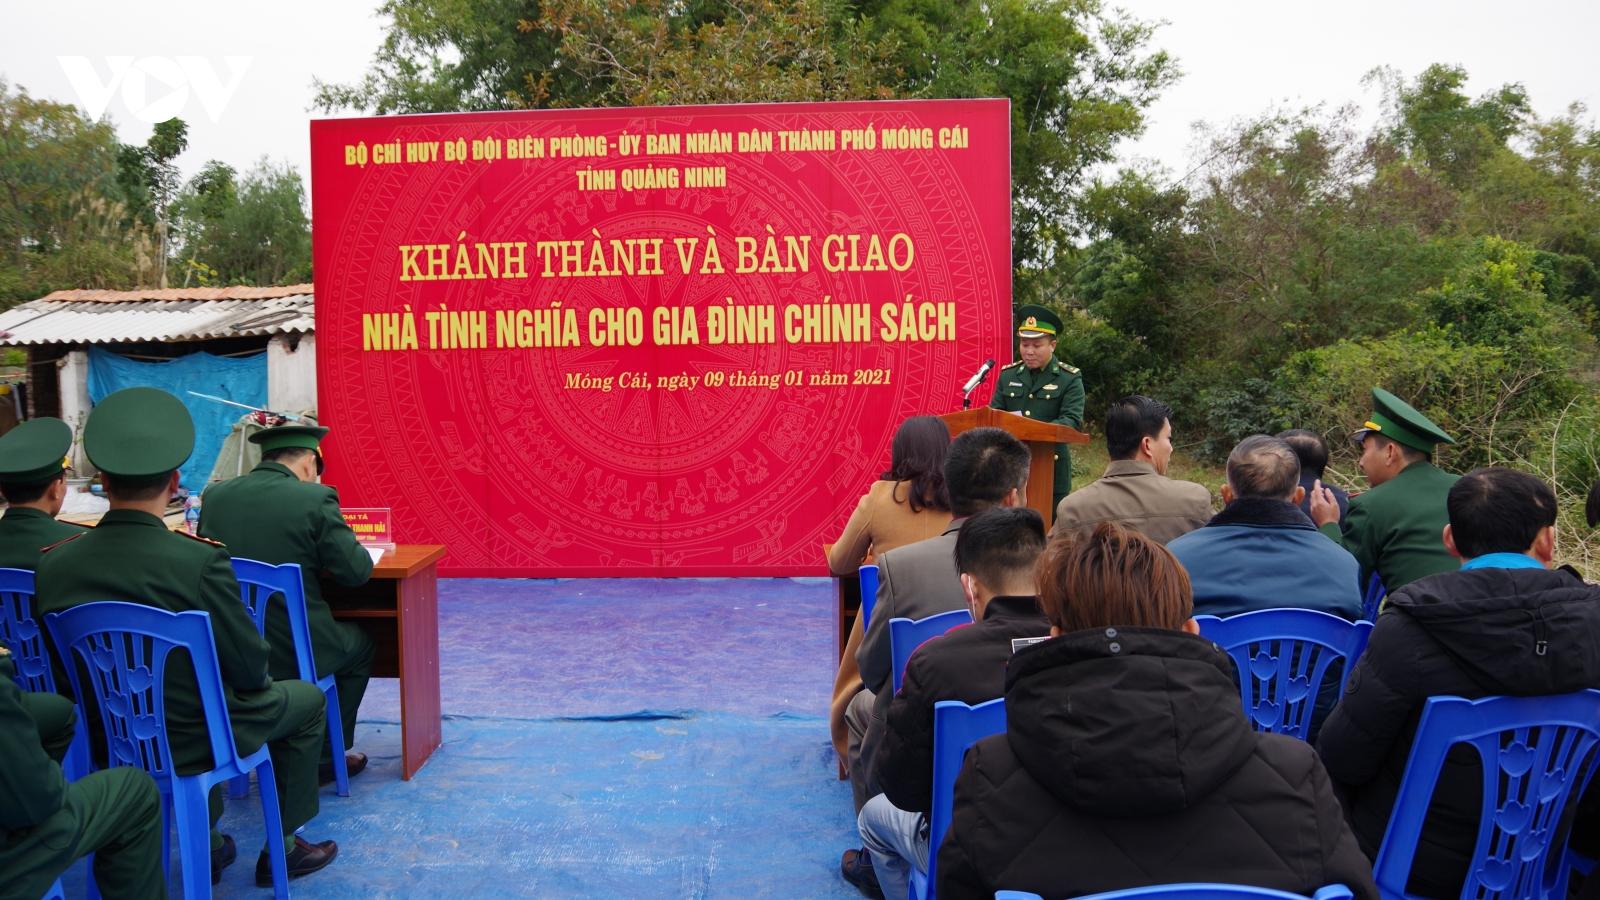 Bộ đội biên phòng Quảng Ninh tặng nhà tình nghĩa cho gia đình chính sách